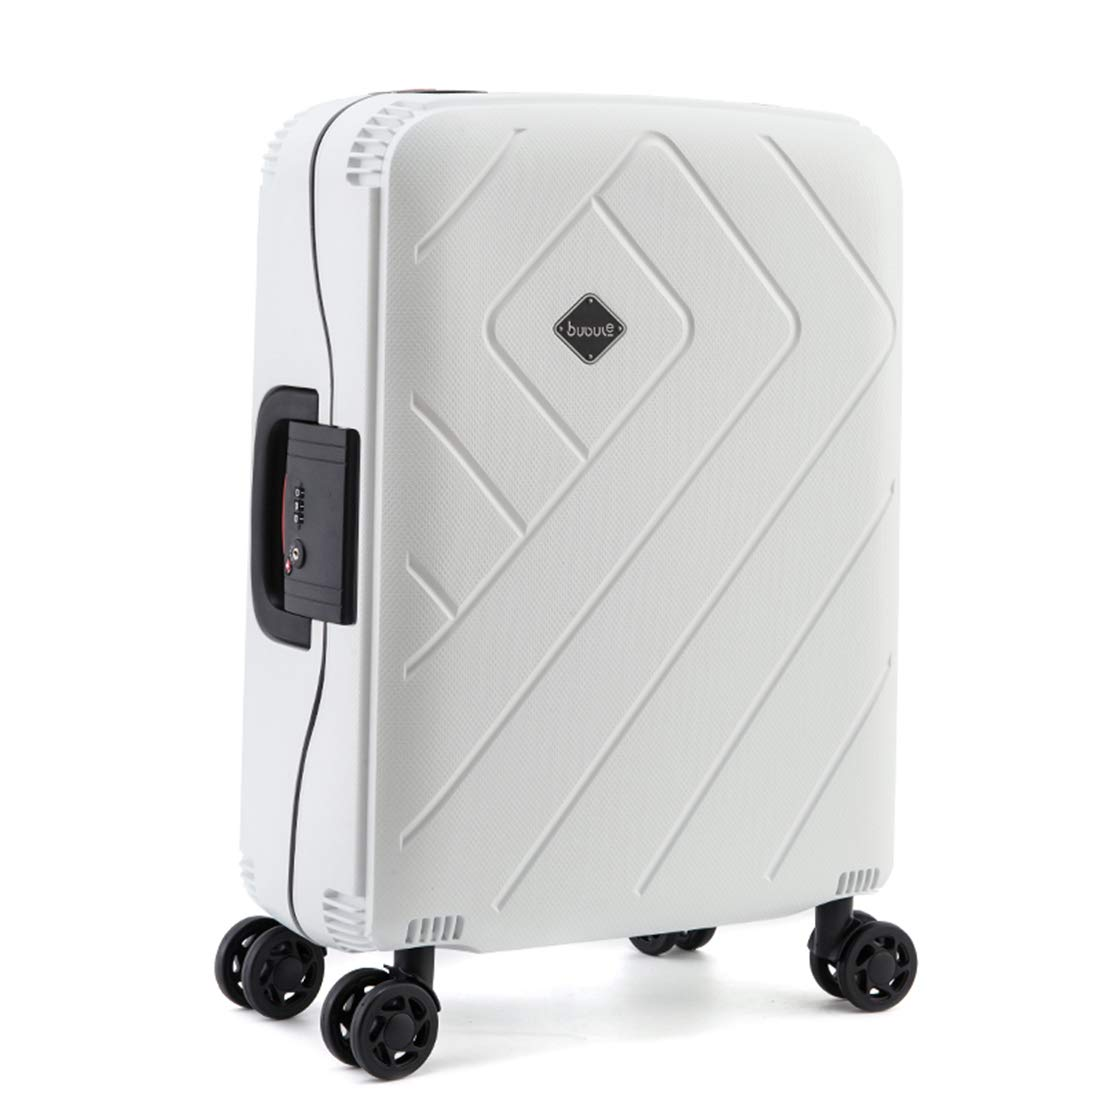 荷物ビジネス TSA スーツケース軽量 PP ストライプトロリーケース 20in 2 B07J6HNNQC